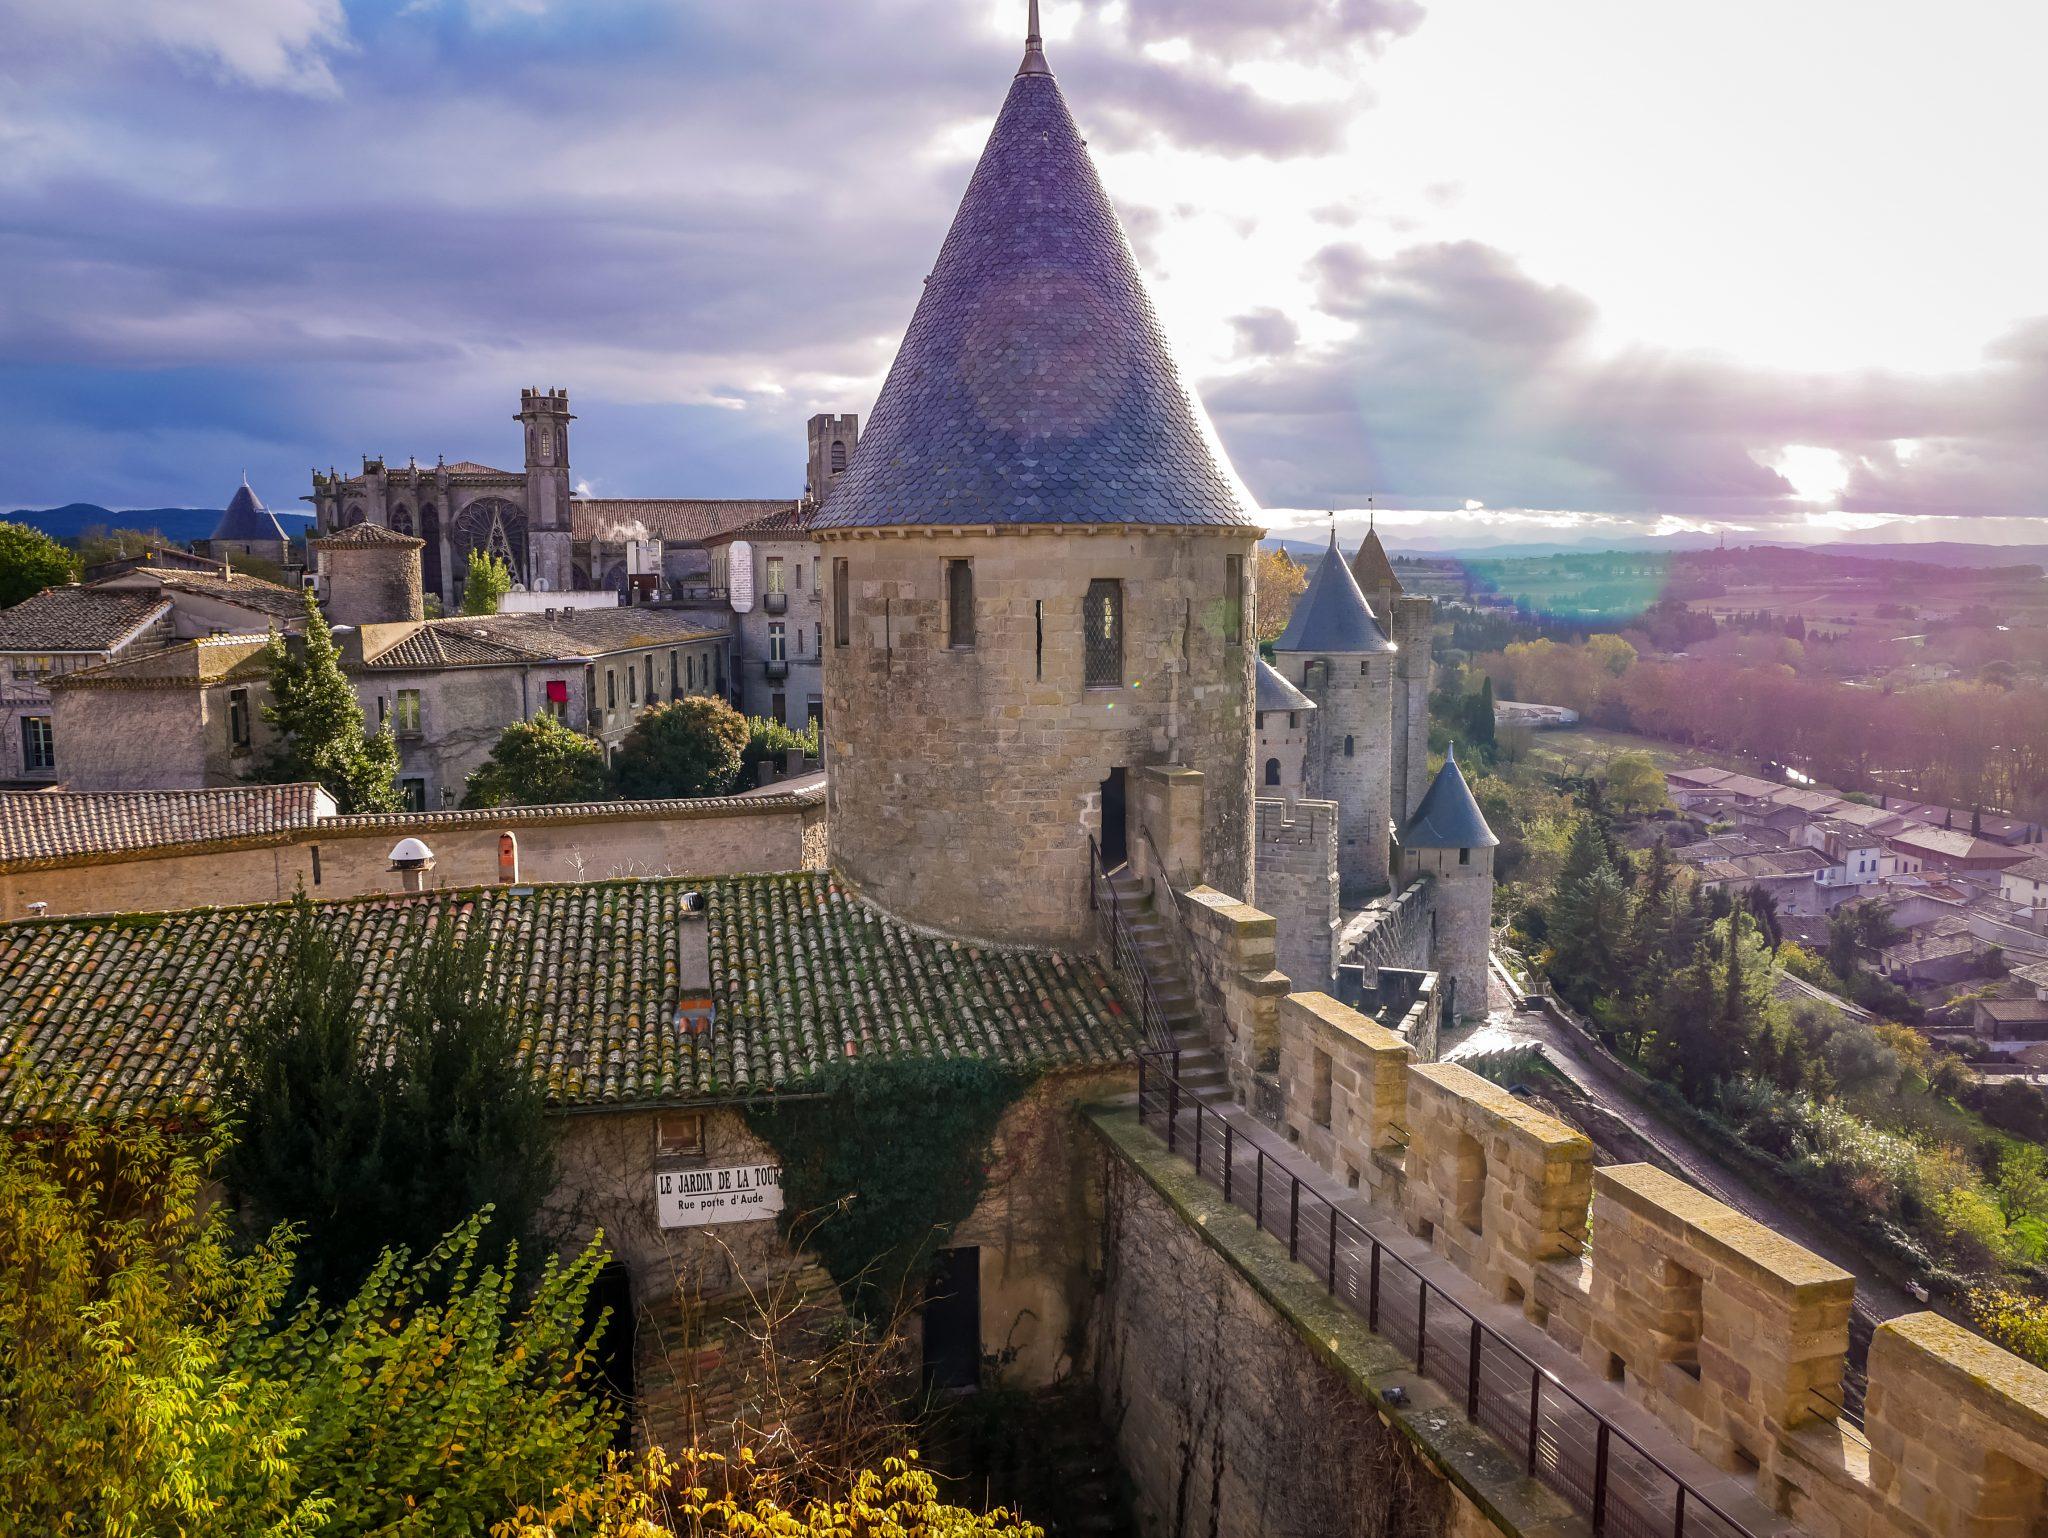 Vom Schloss und von den Mauern hat man den wohl schönsten Blick auf die Stadt.